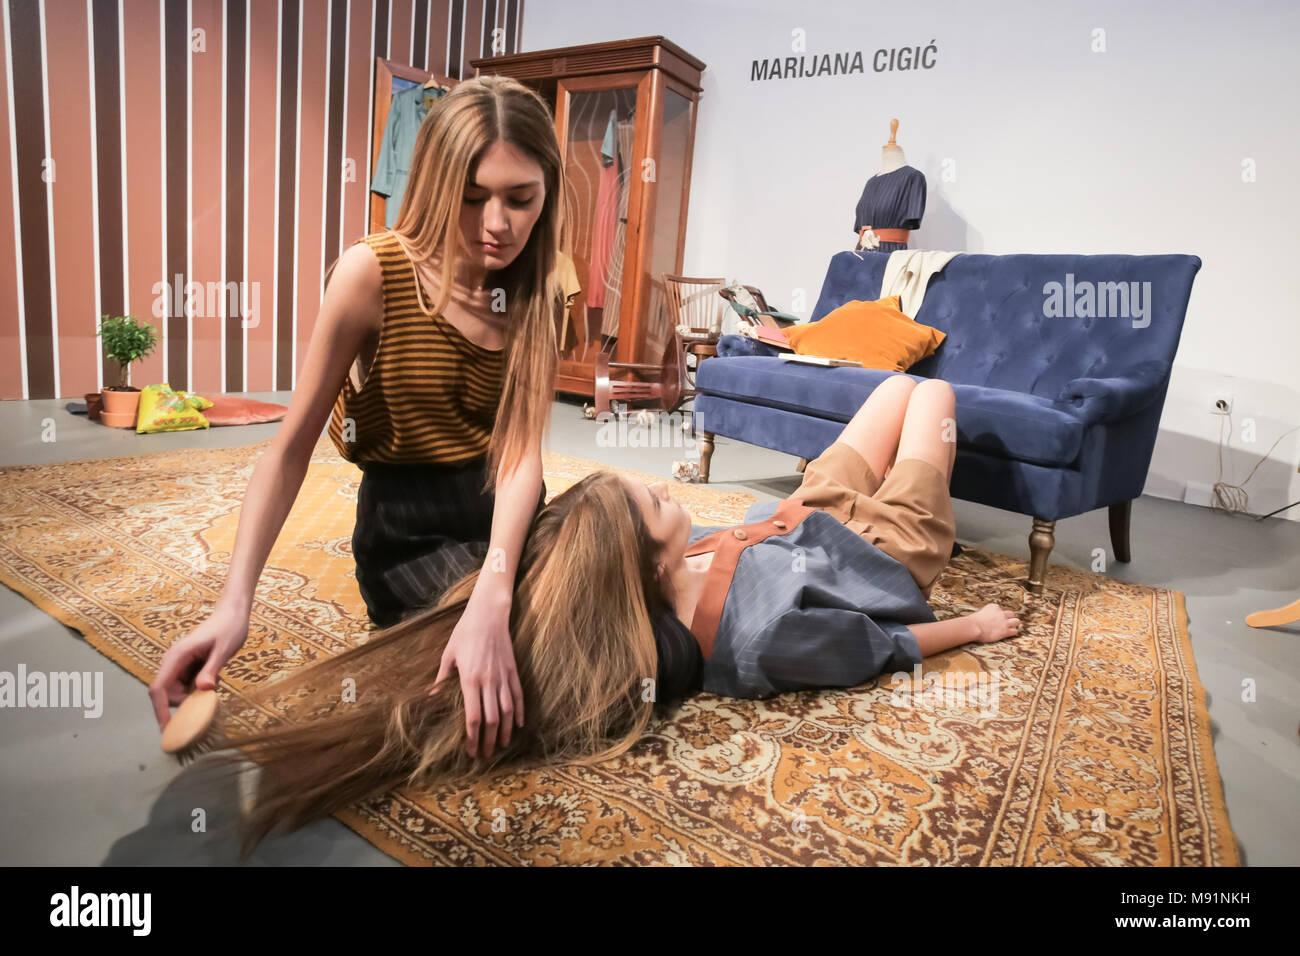 Zagreb Kroatien 16 Marz 2018 Zwei Models Tun Die Leistung Auf